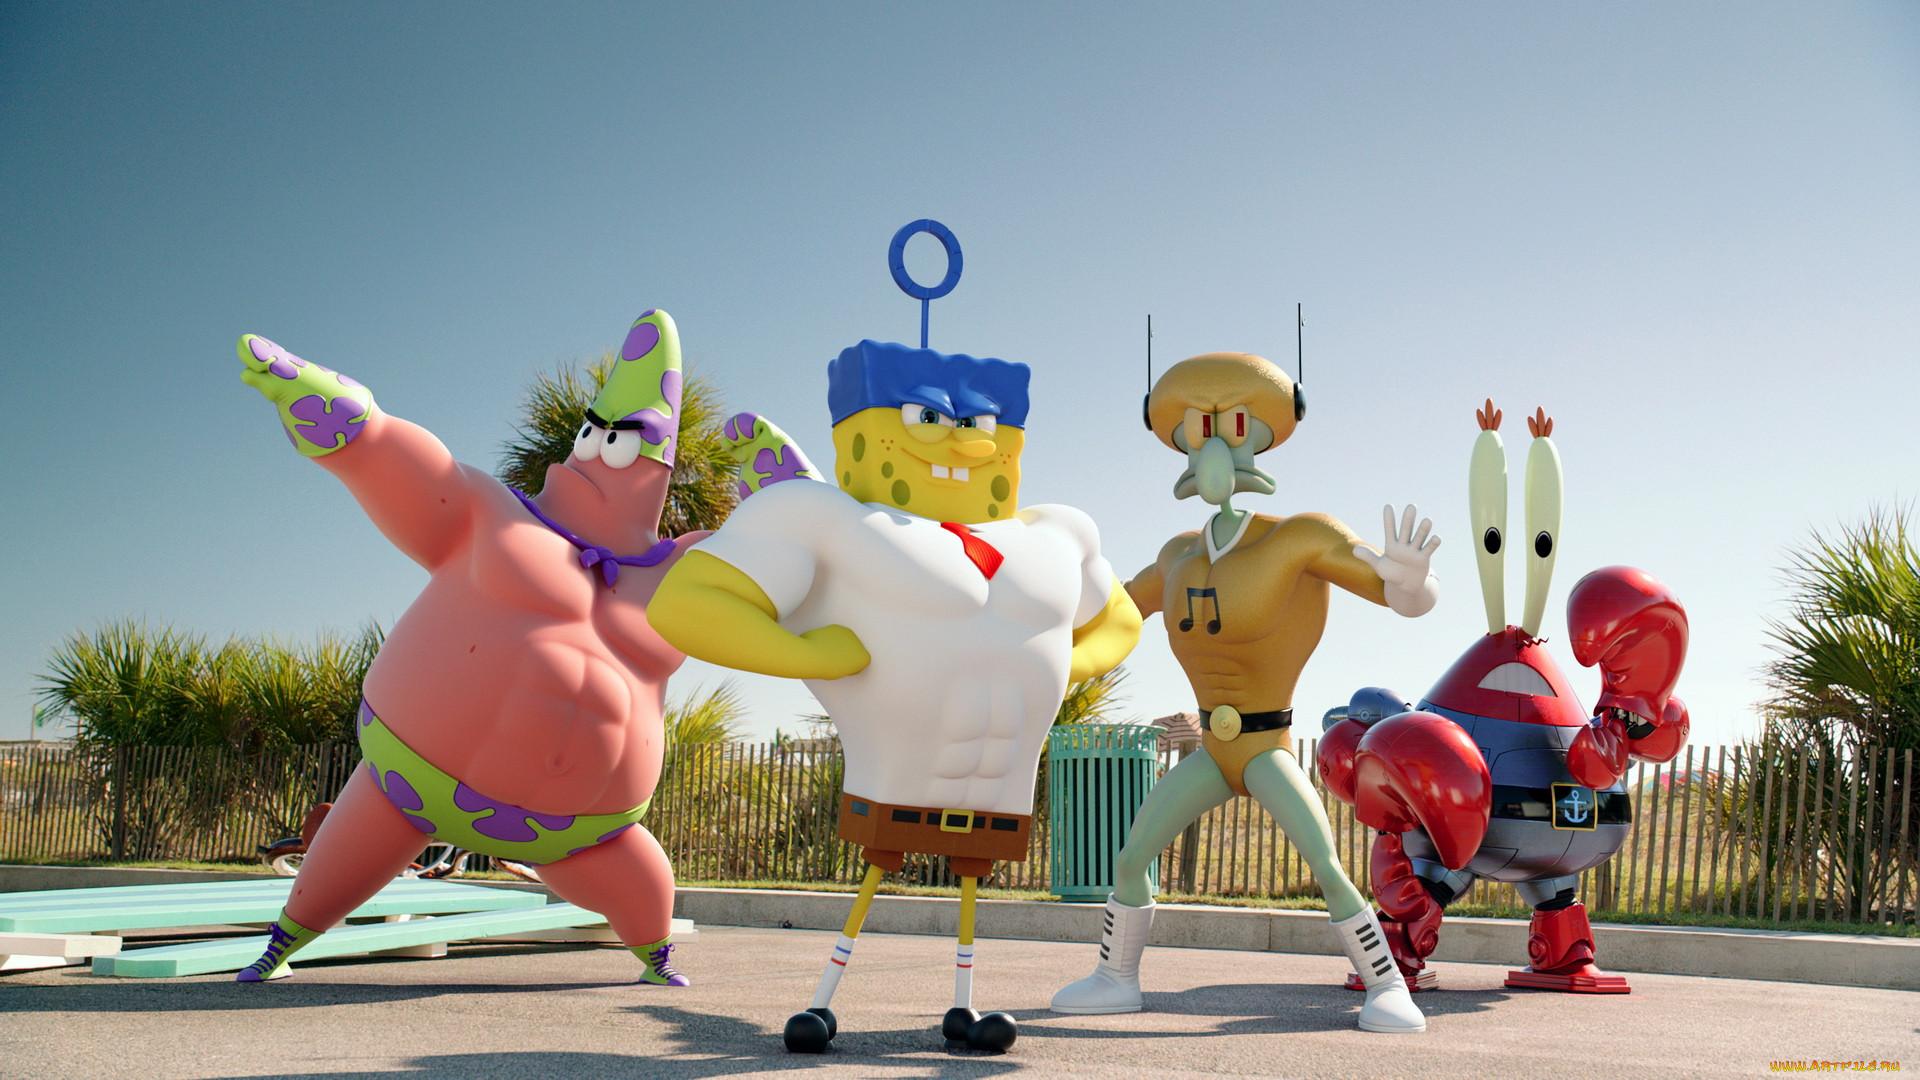 яркие фото прикольных персонажей жирных ездит